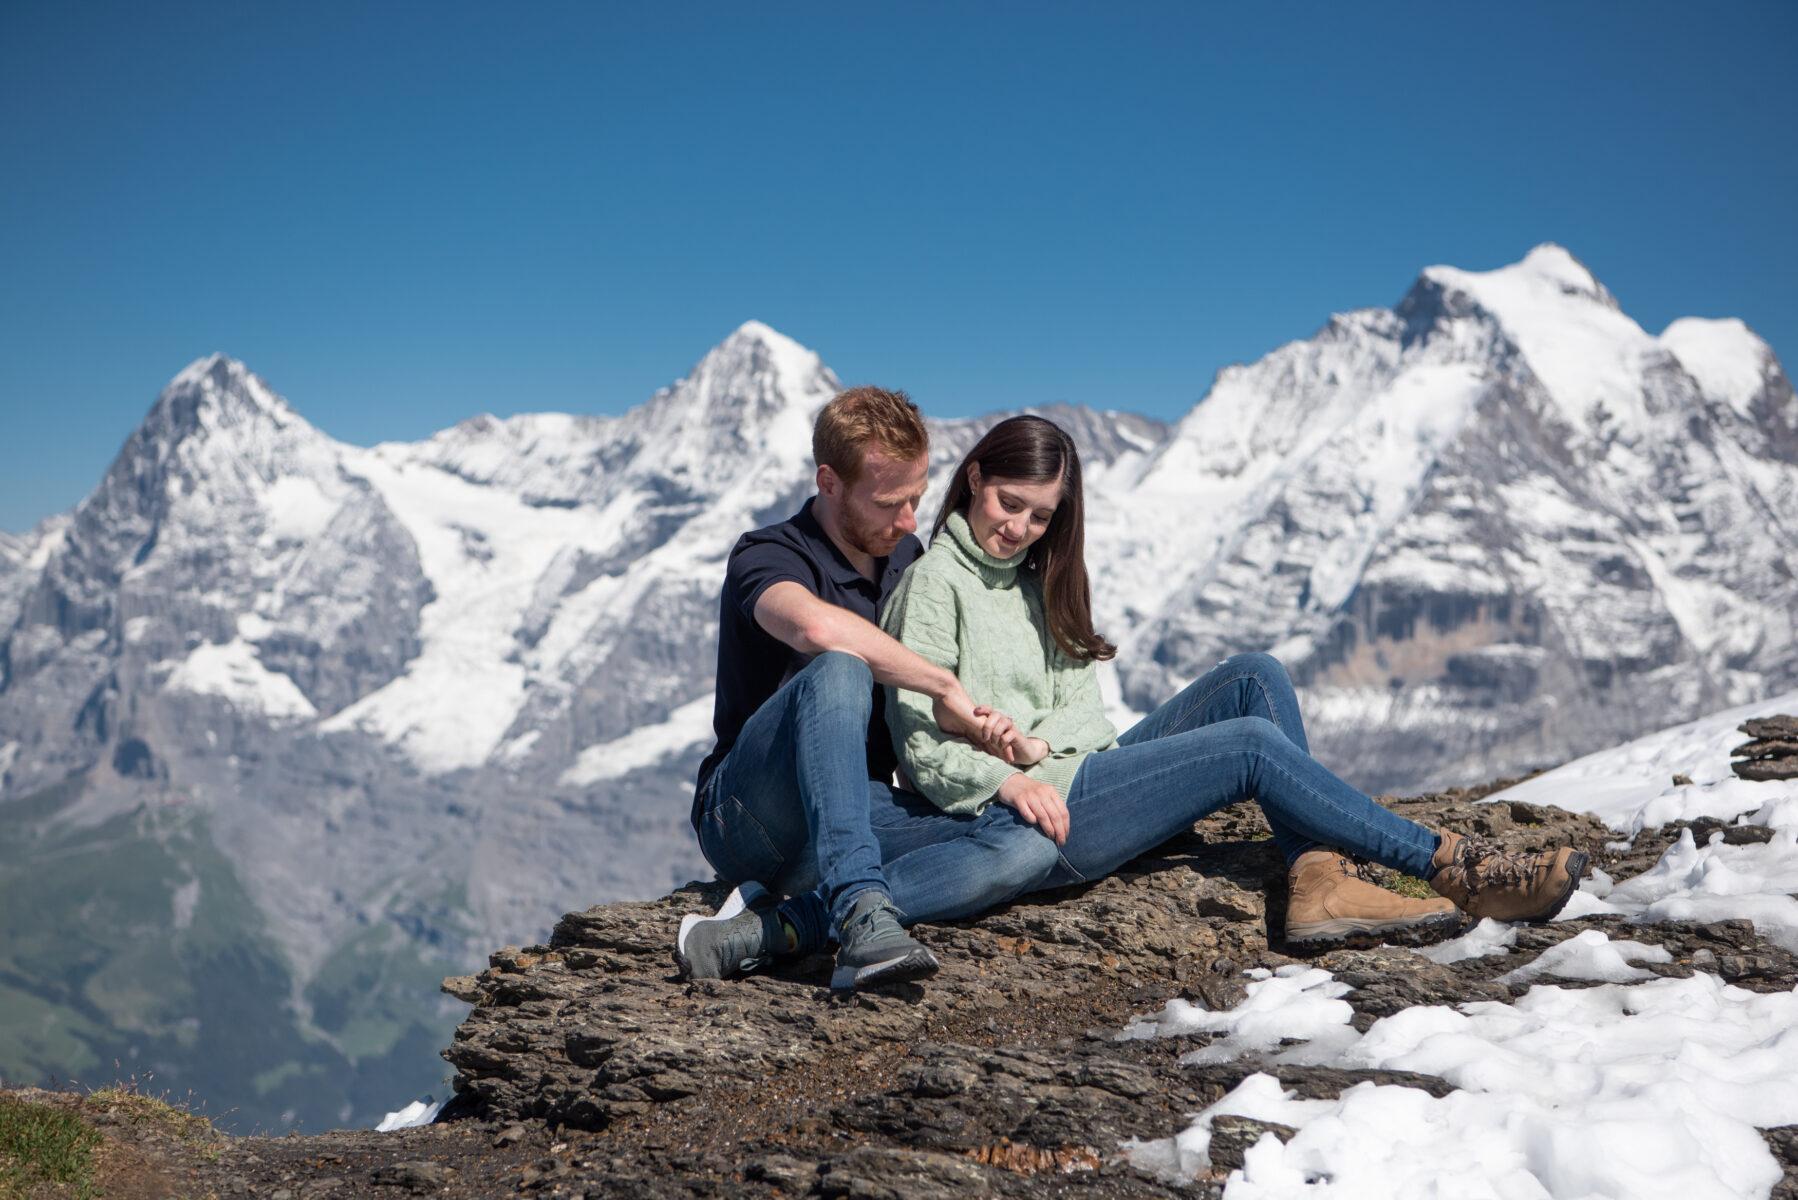 Suprise Wedding Proposal